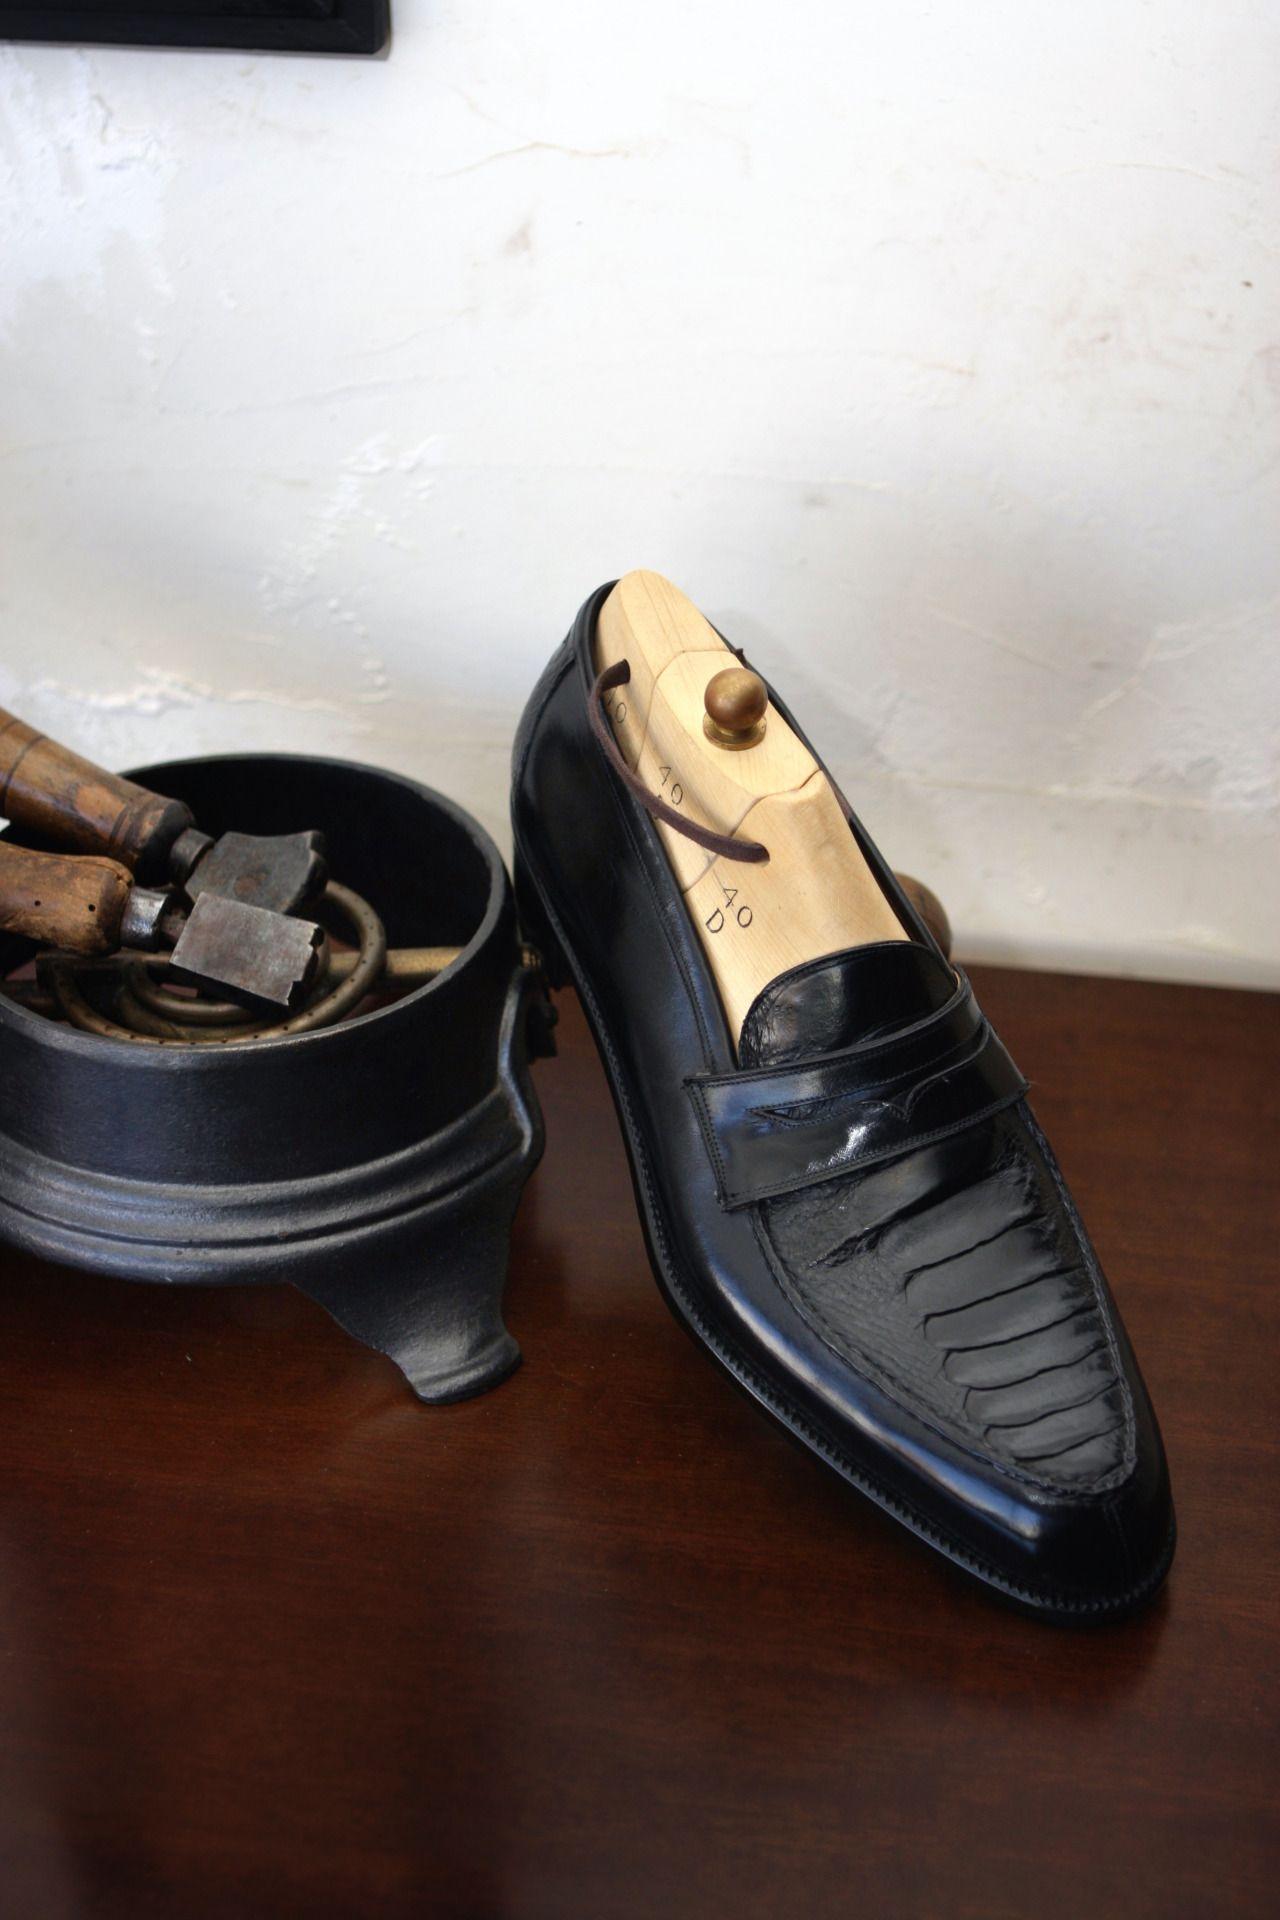 """ilquadrifoglio: """" il Quadrifoglio Ostrich Leg Leather Penny Loafer Official Site : http://ilquadrifoglio-kobe.com/ Calzature Su Misura, prodotto di KOBE fatto a mano """""""